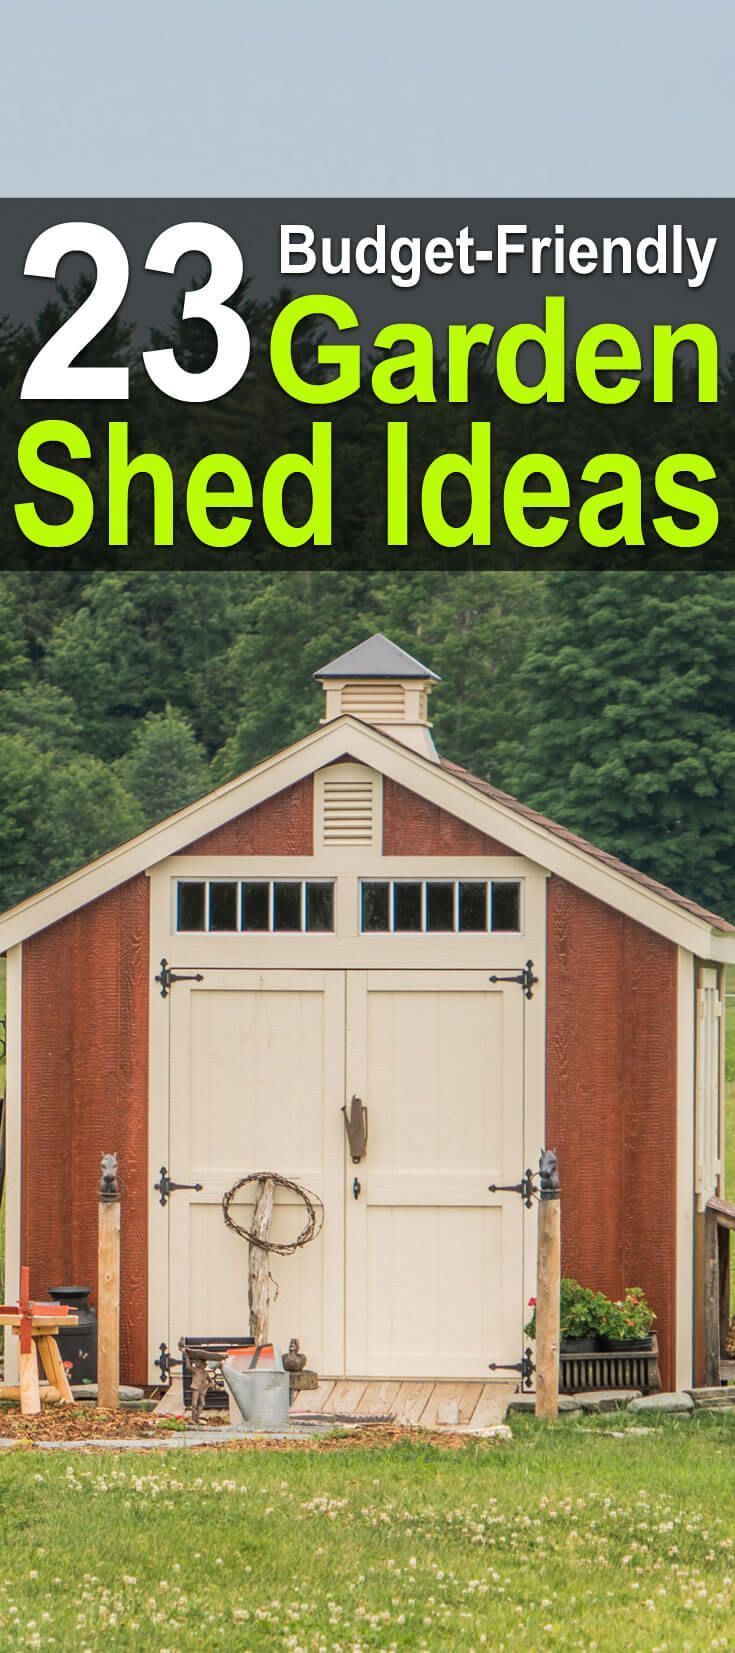 23 Budget-Friendly Garden Shed Ideas. DIY ideas and upgrades! #Homesteadsurvivalsite #Gardenshed #Springgarden #Garden #DIY